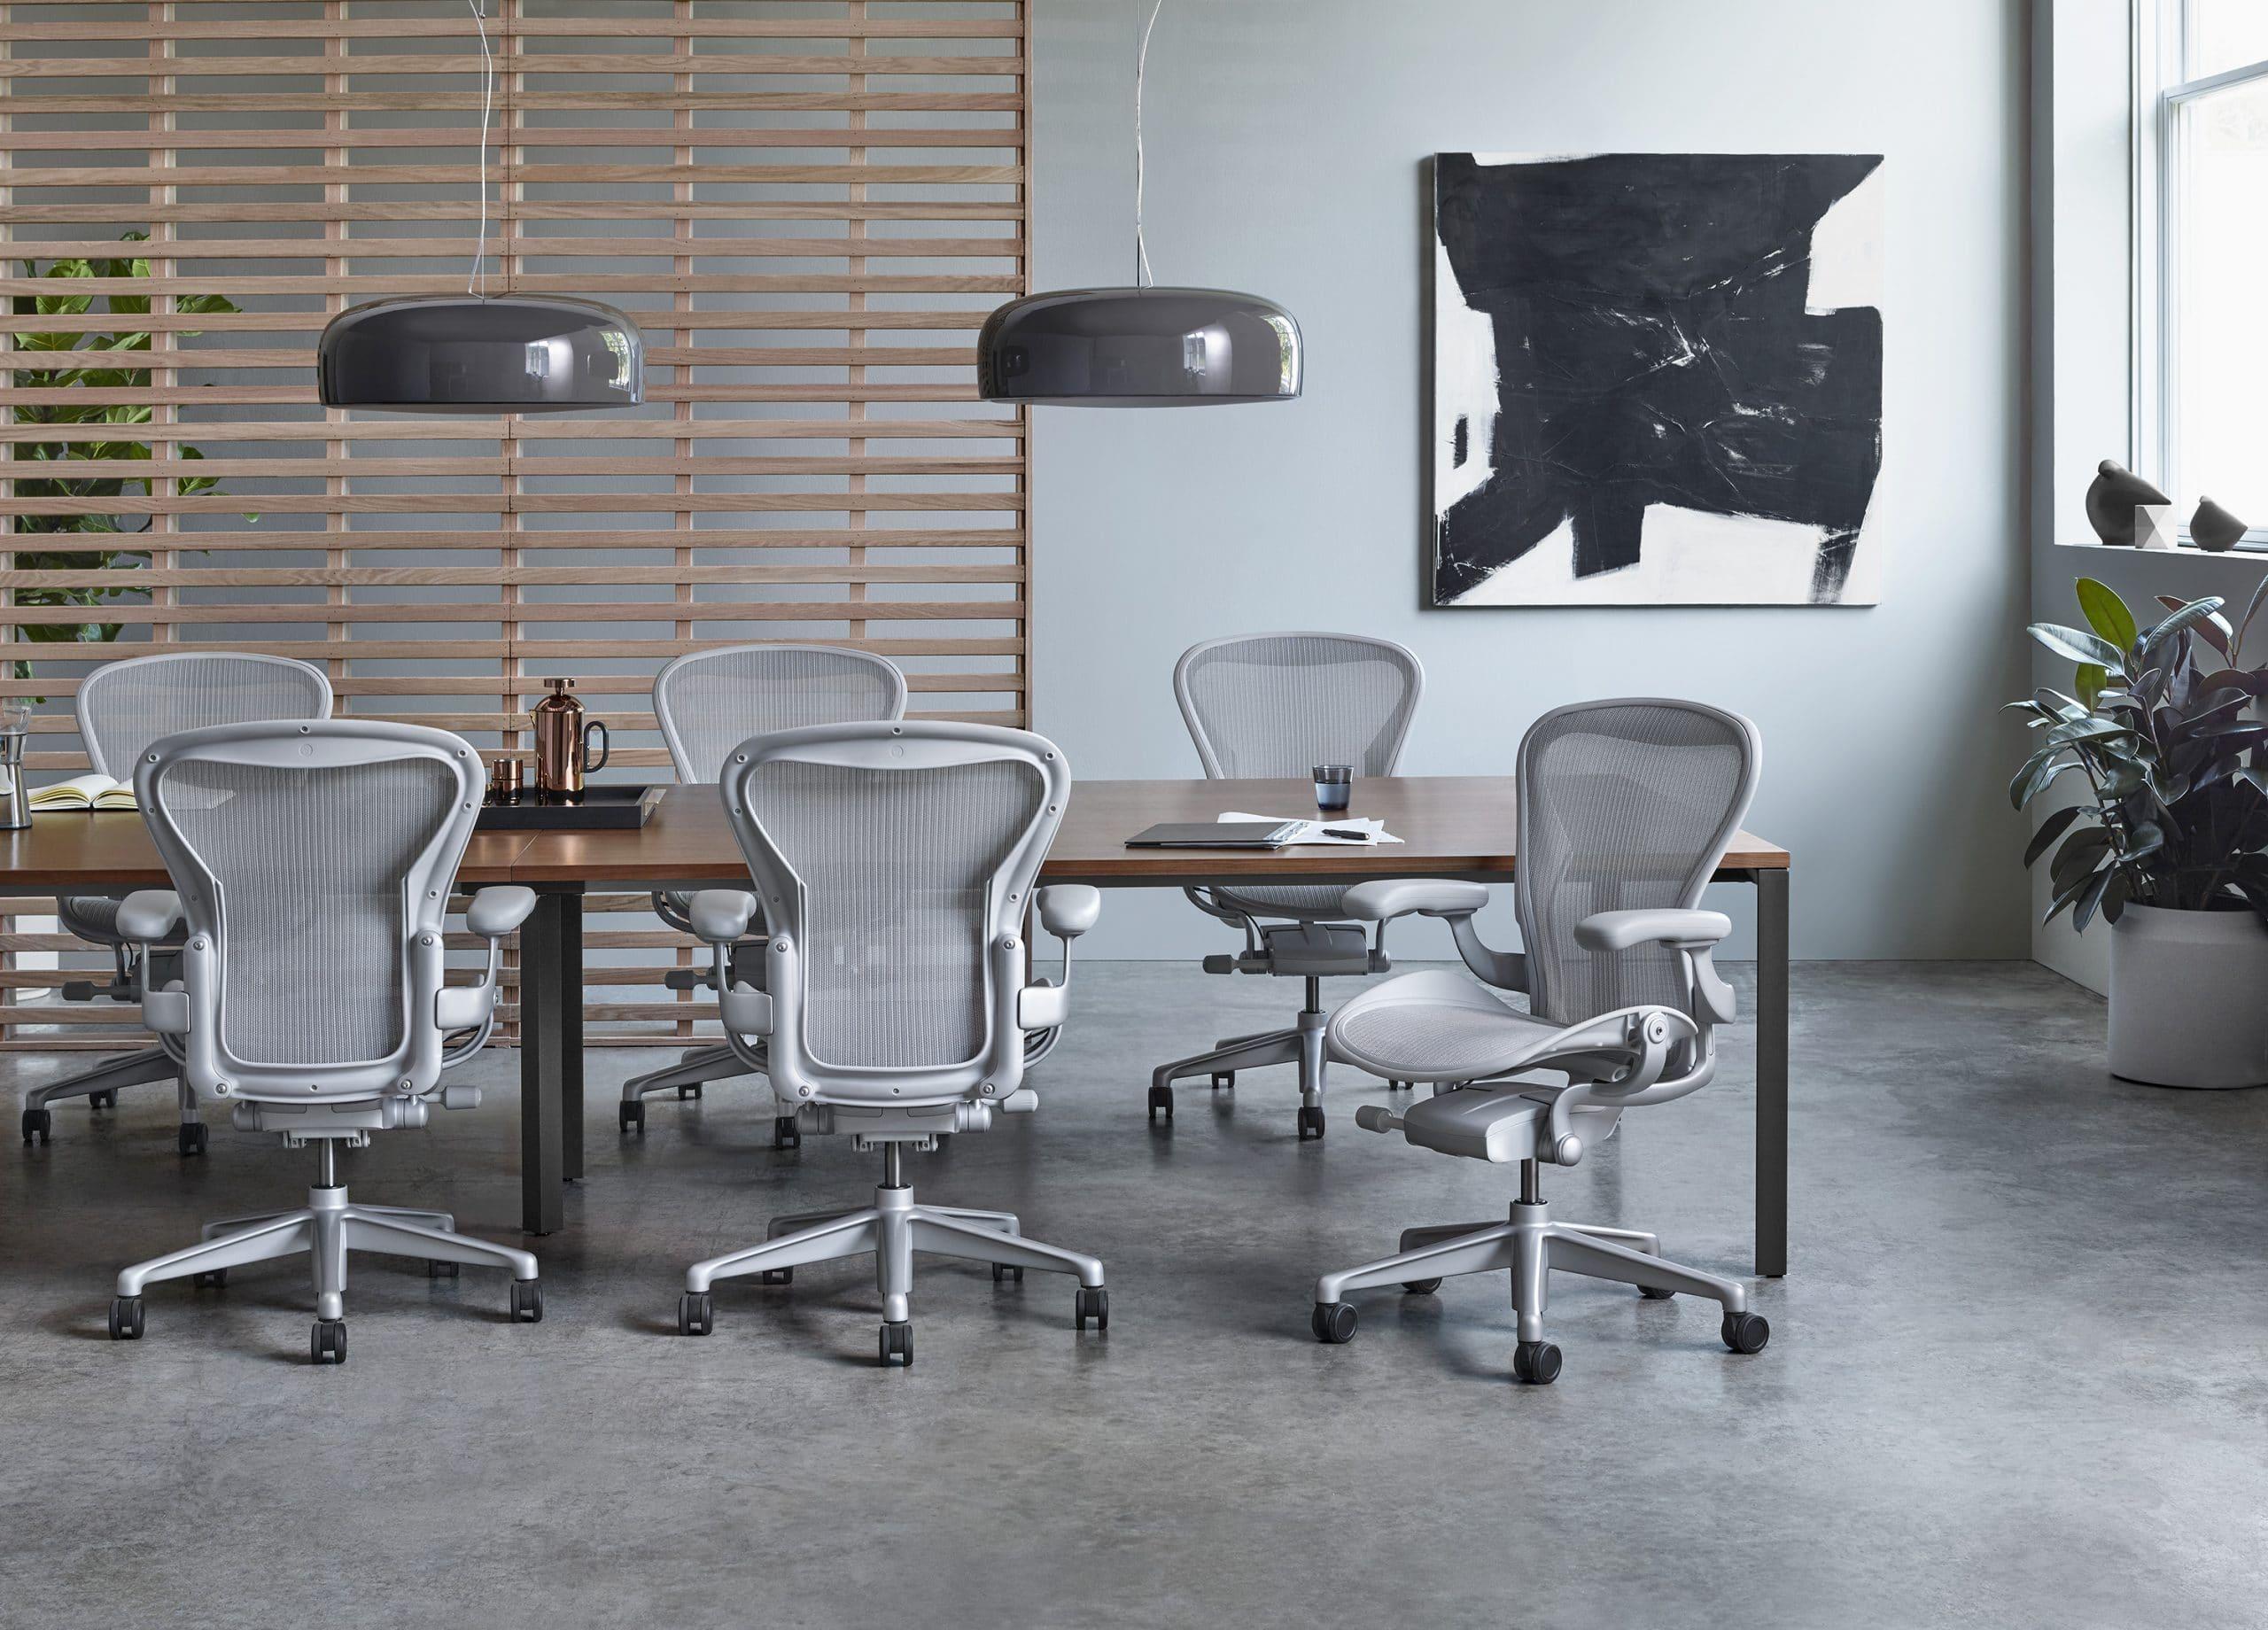 cadeira ergonômica Aeron